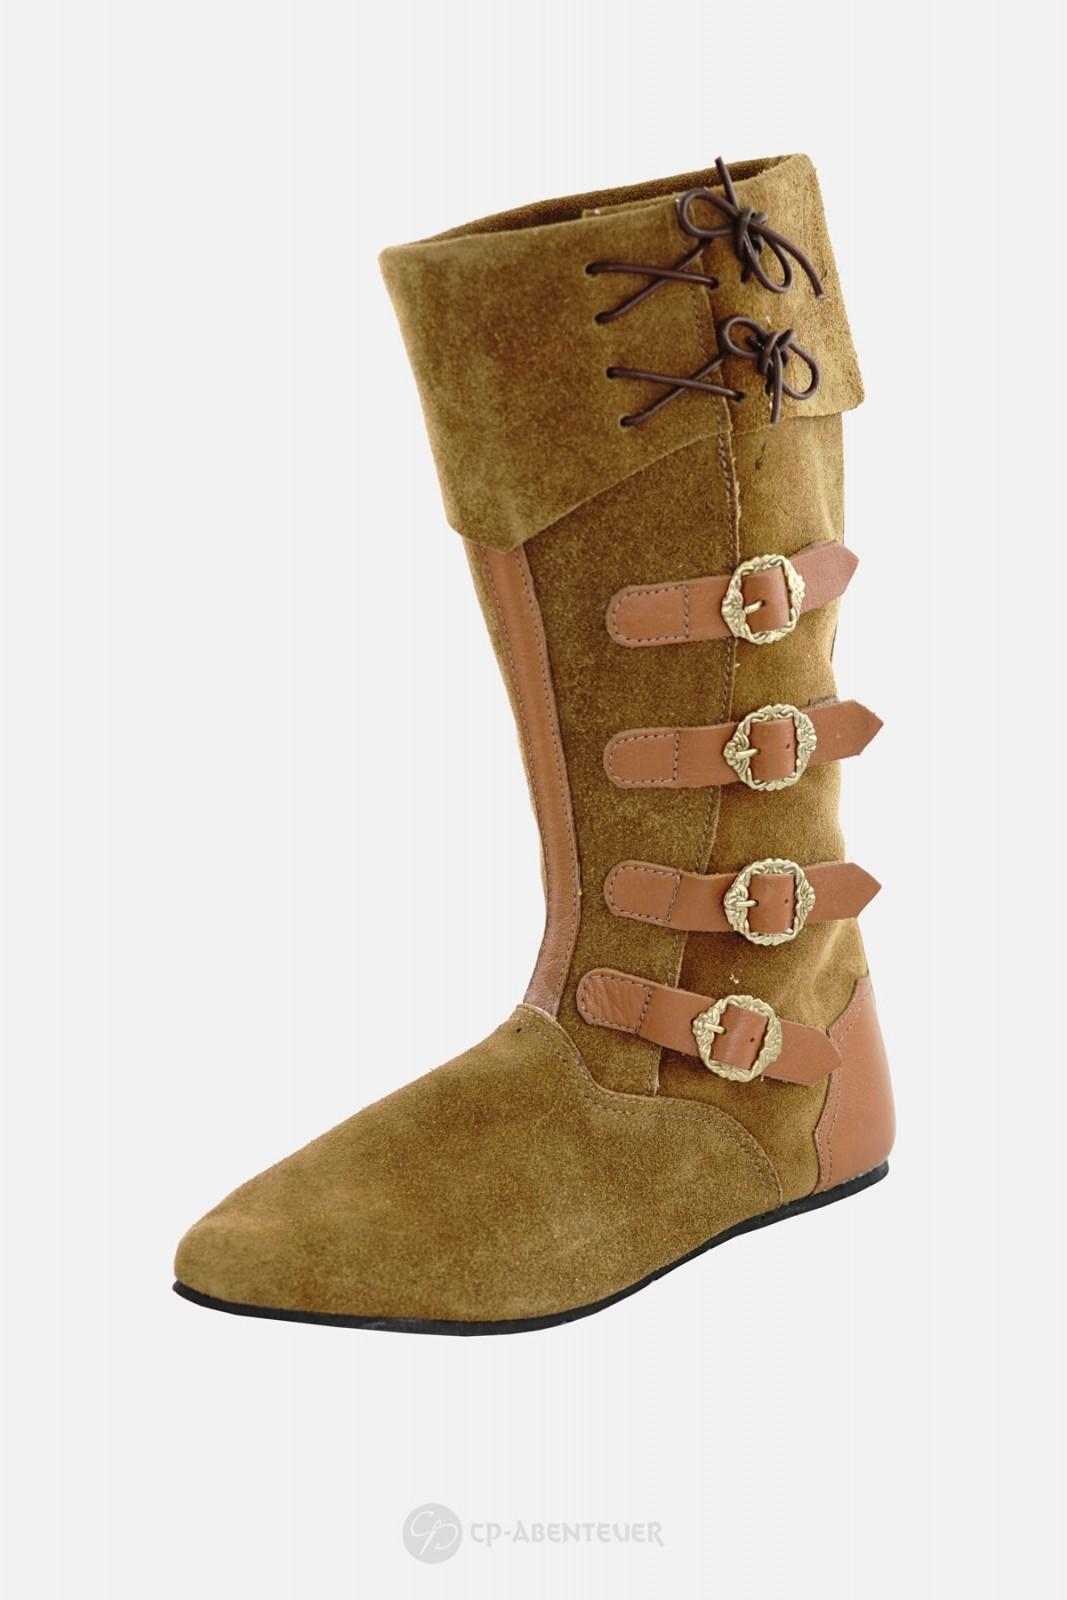 Sewolt - Schuhe, Braun